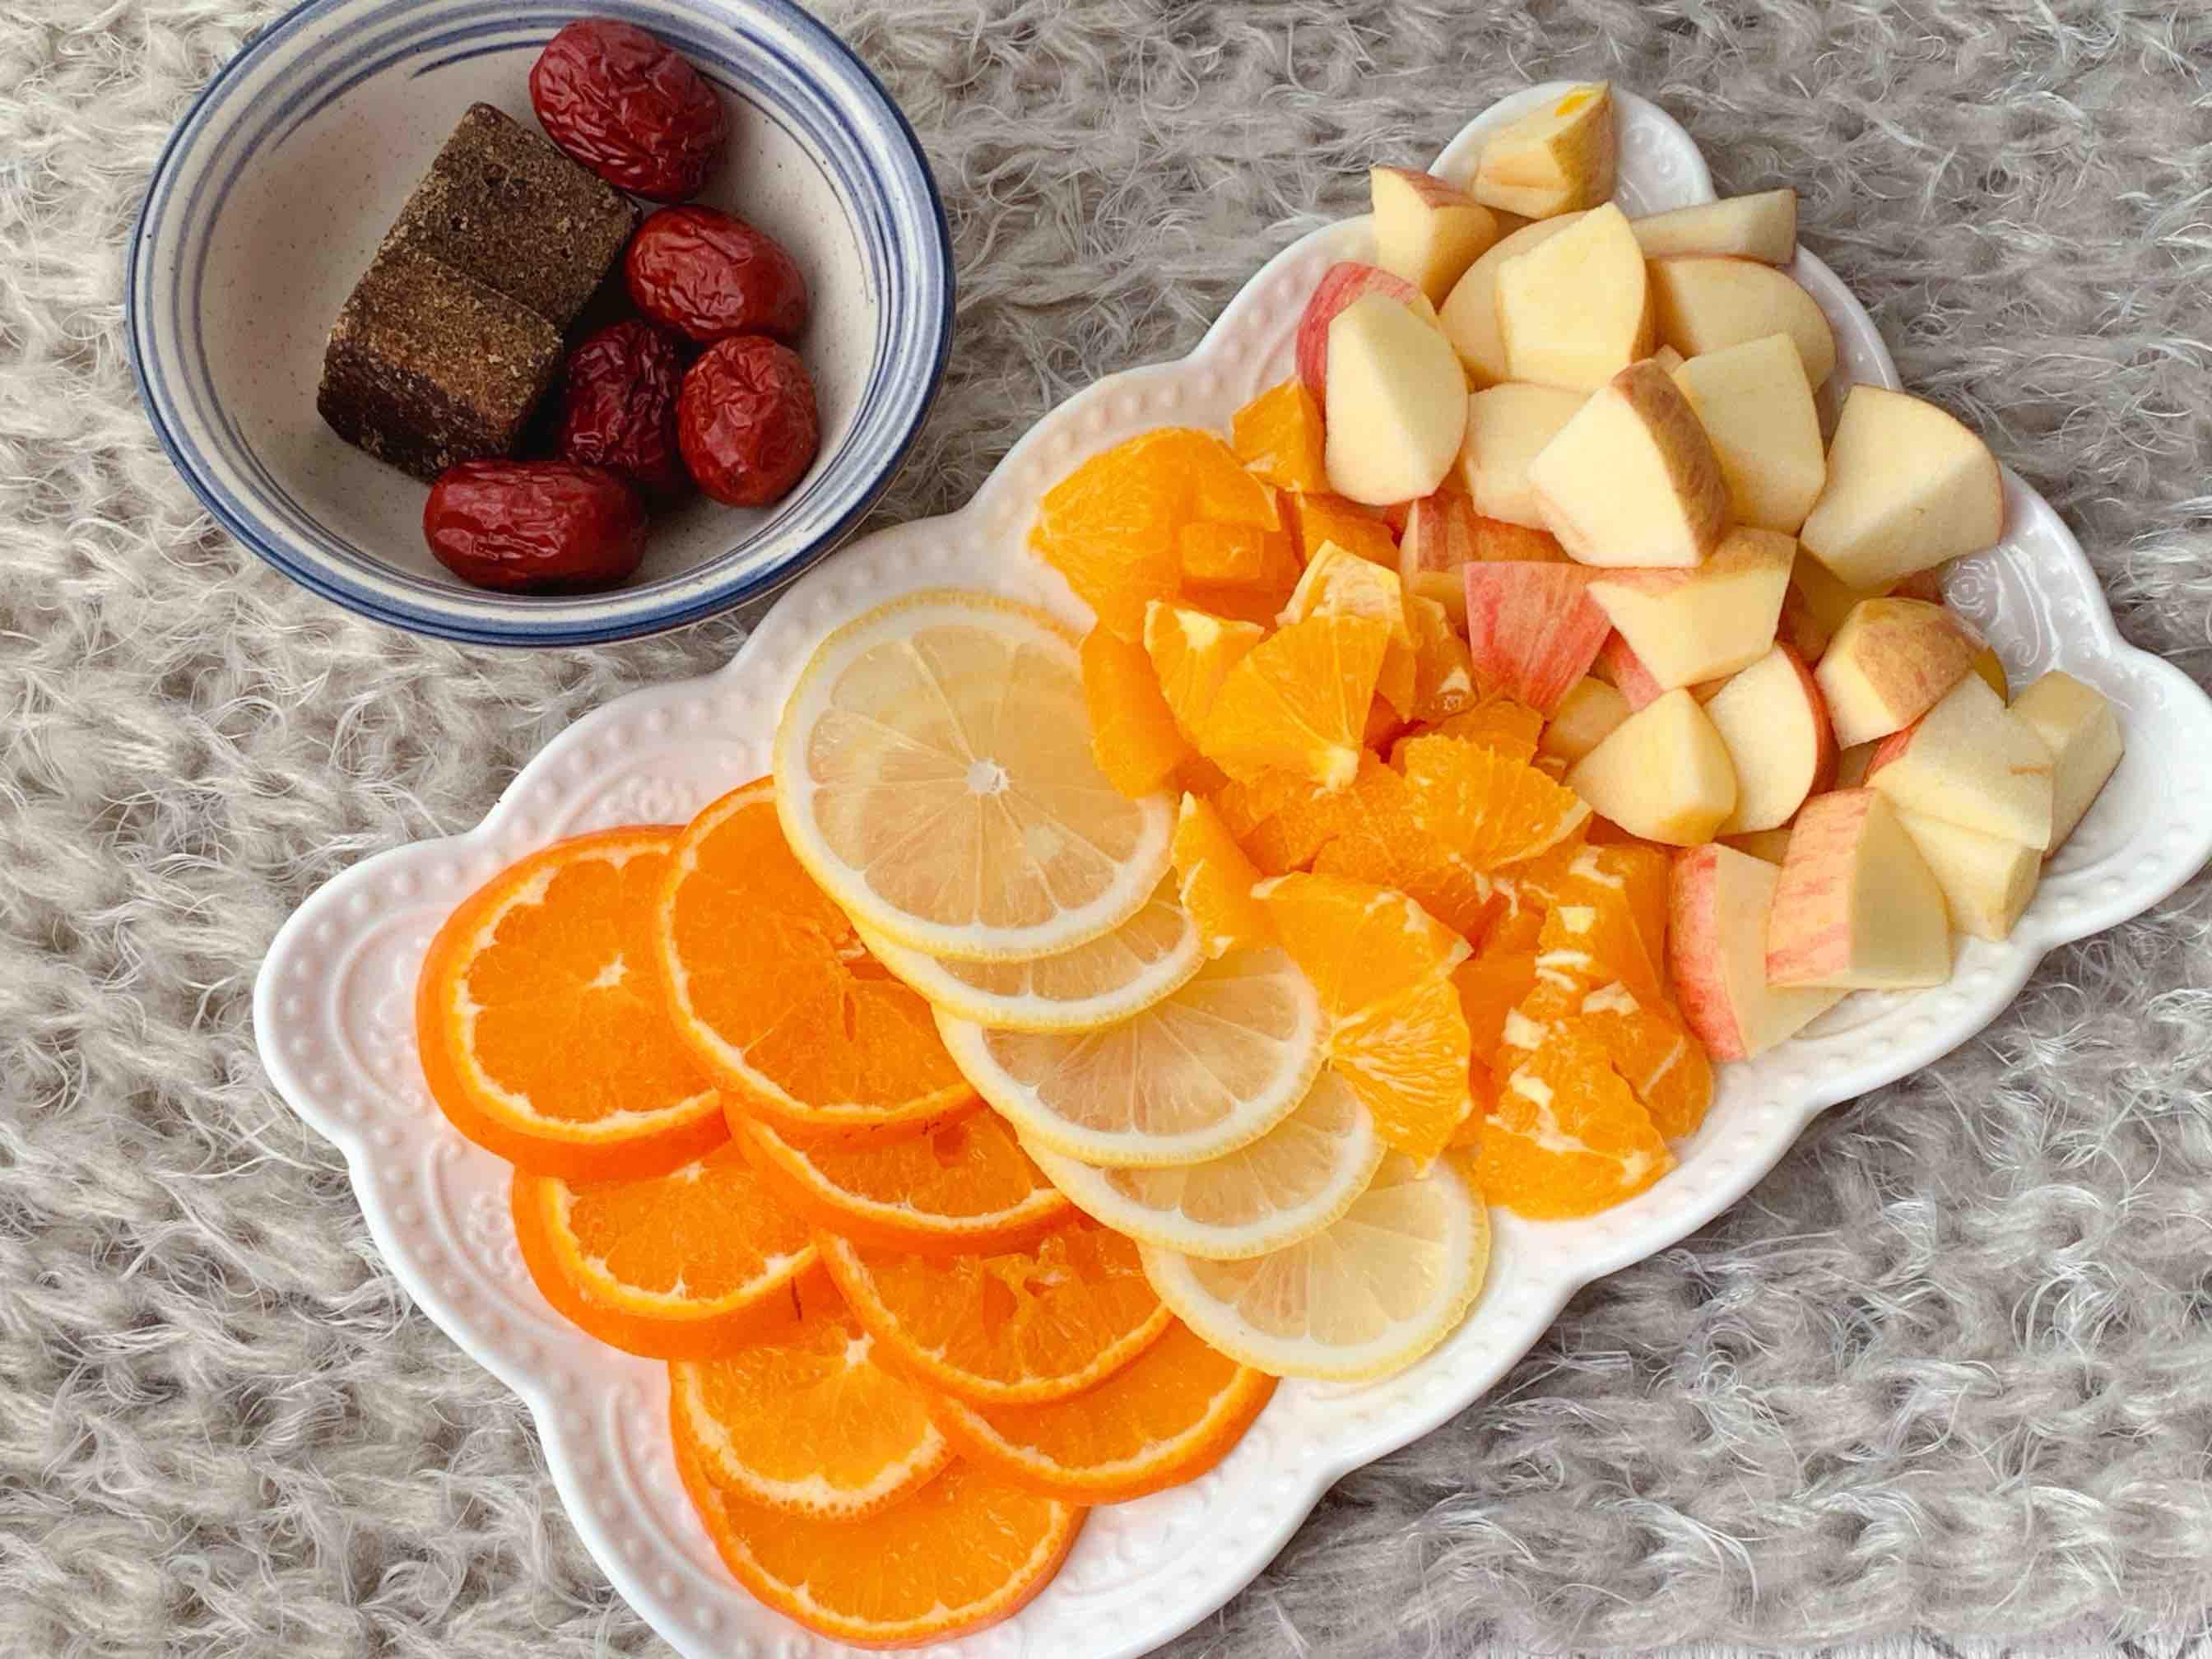 巨刷脂的苹果香橙水果茶的步骤